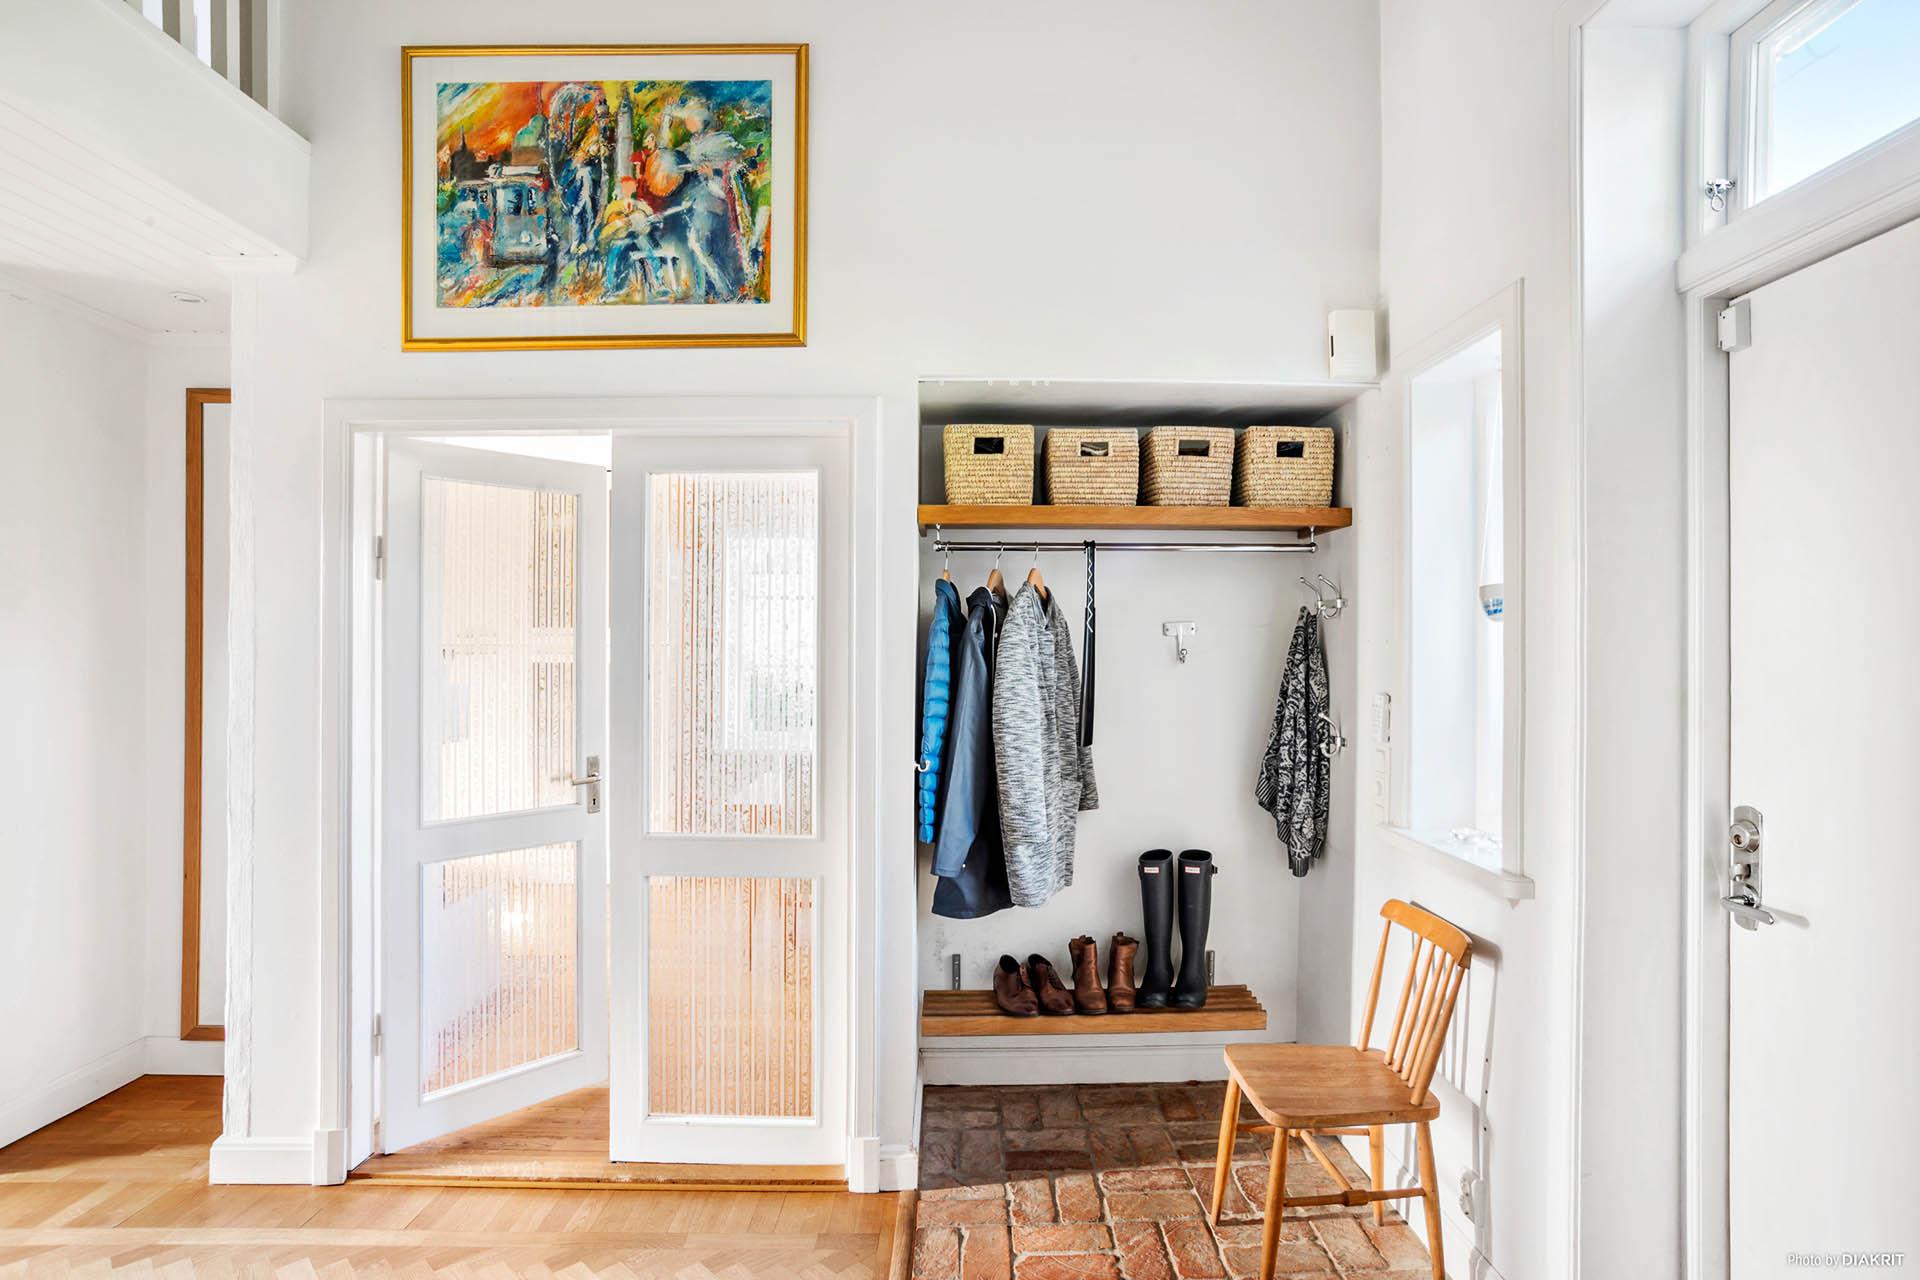 ENTRÉ - Plats att hänga av sig och vackra pardörrar till köket